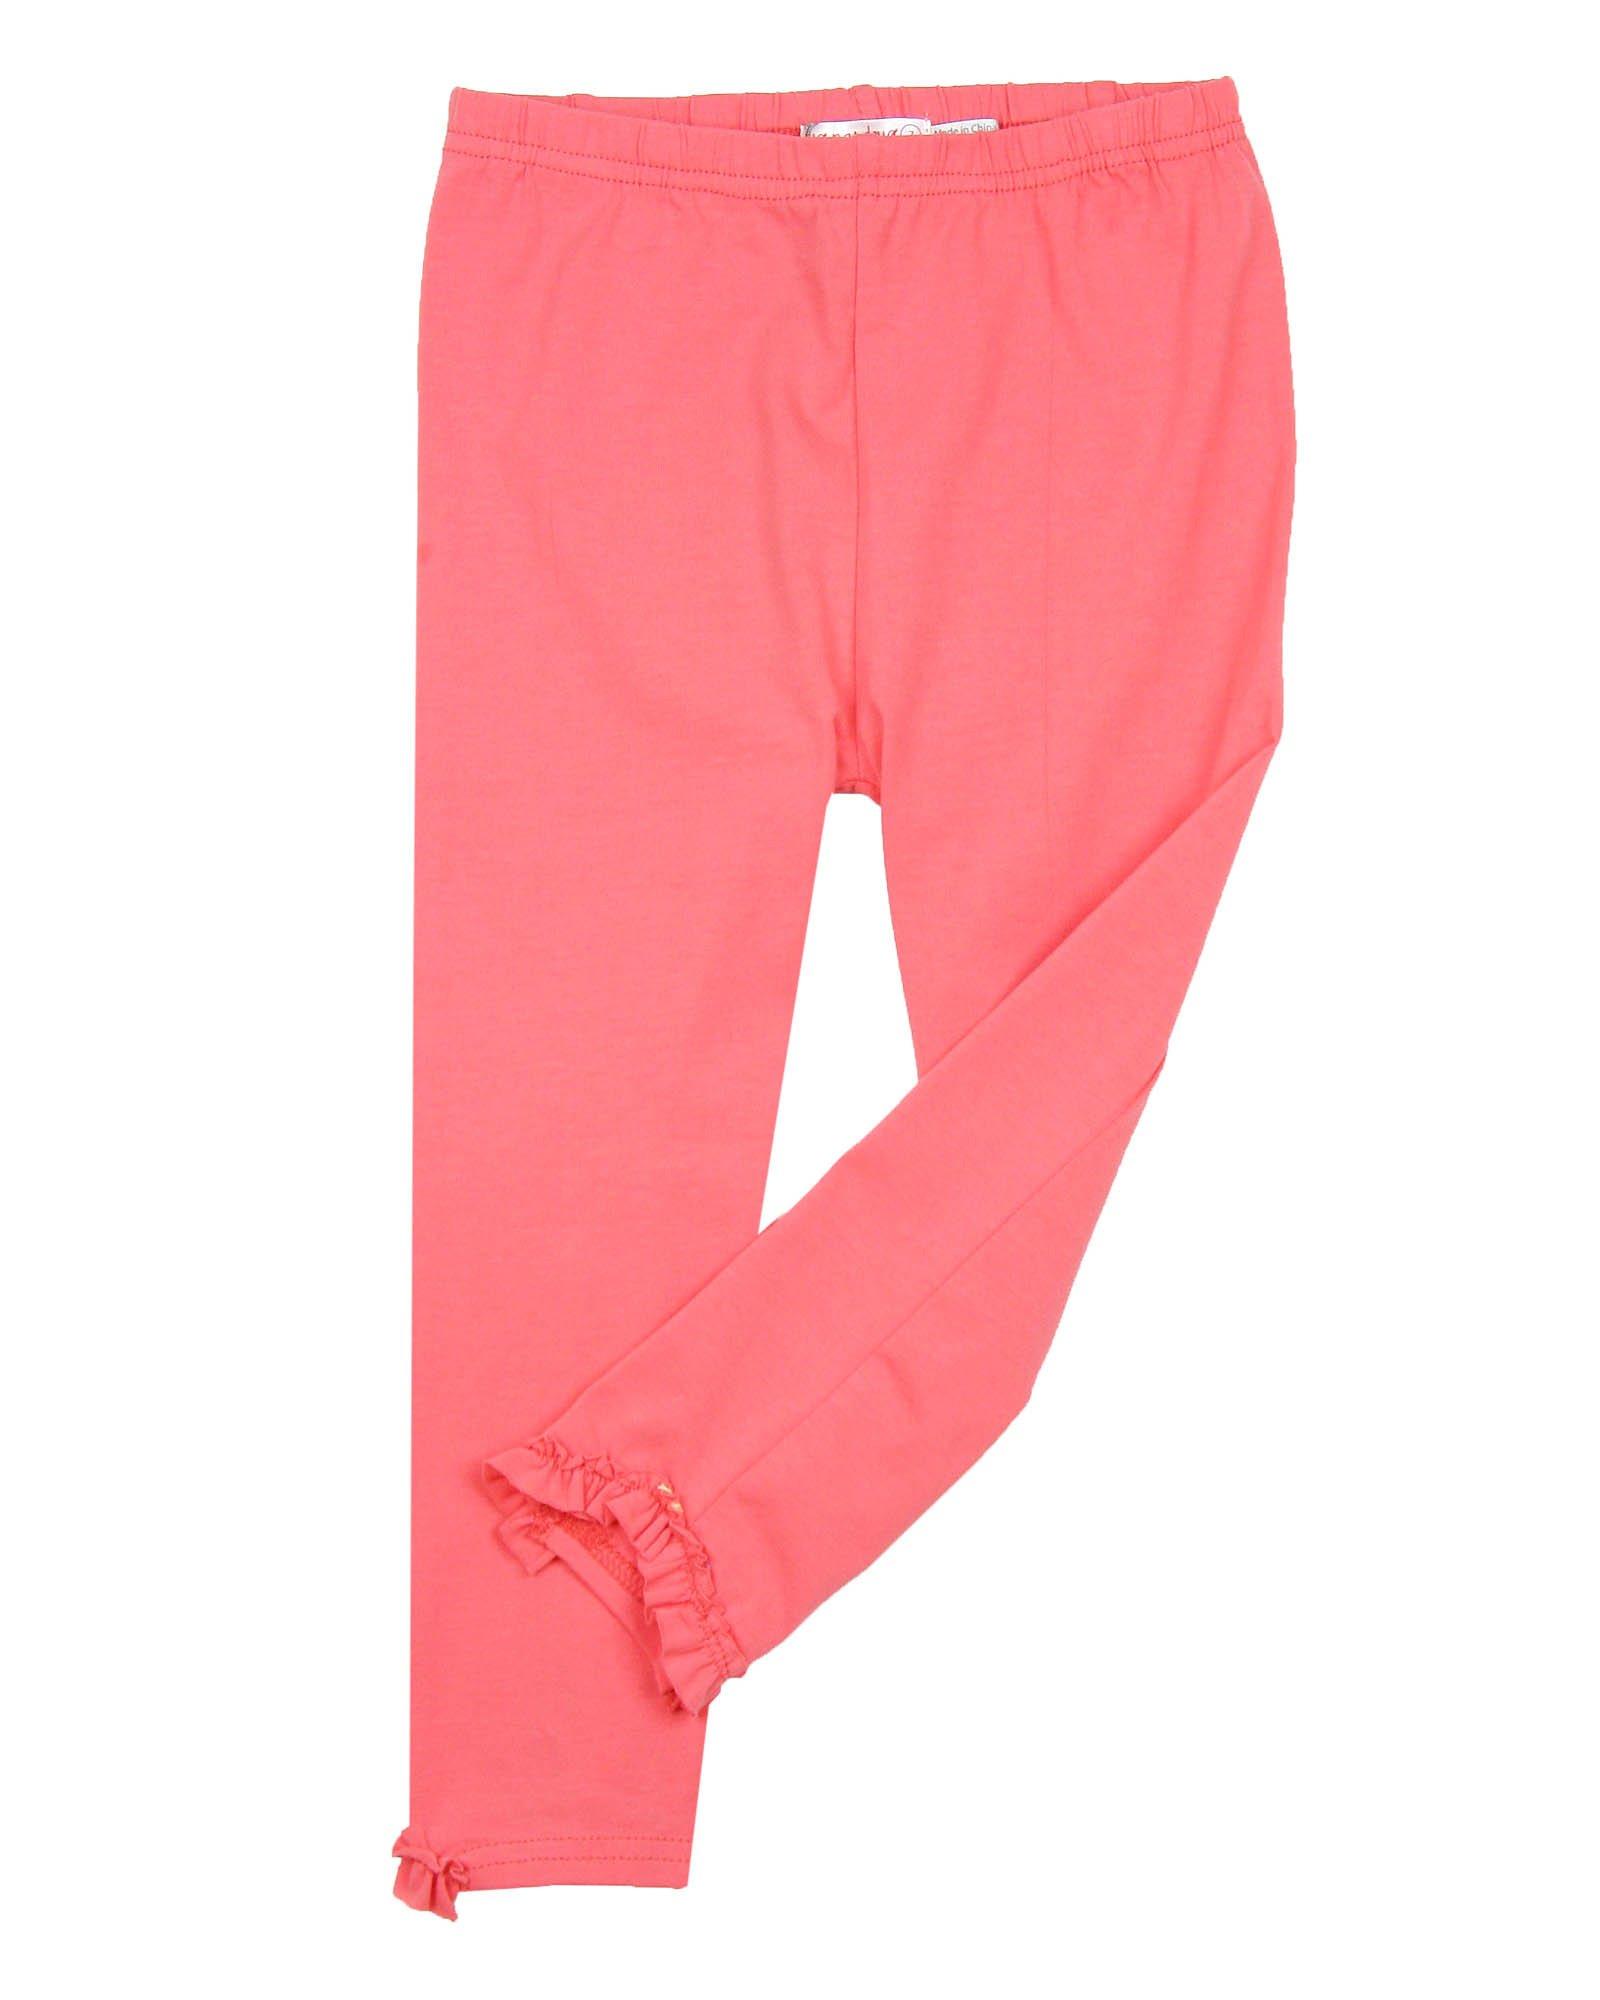 Deux par Deux Girls' Coral Capri Leggings Cold Press Fashion, Sizes 5-12 - 7